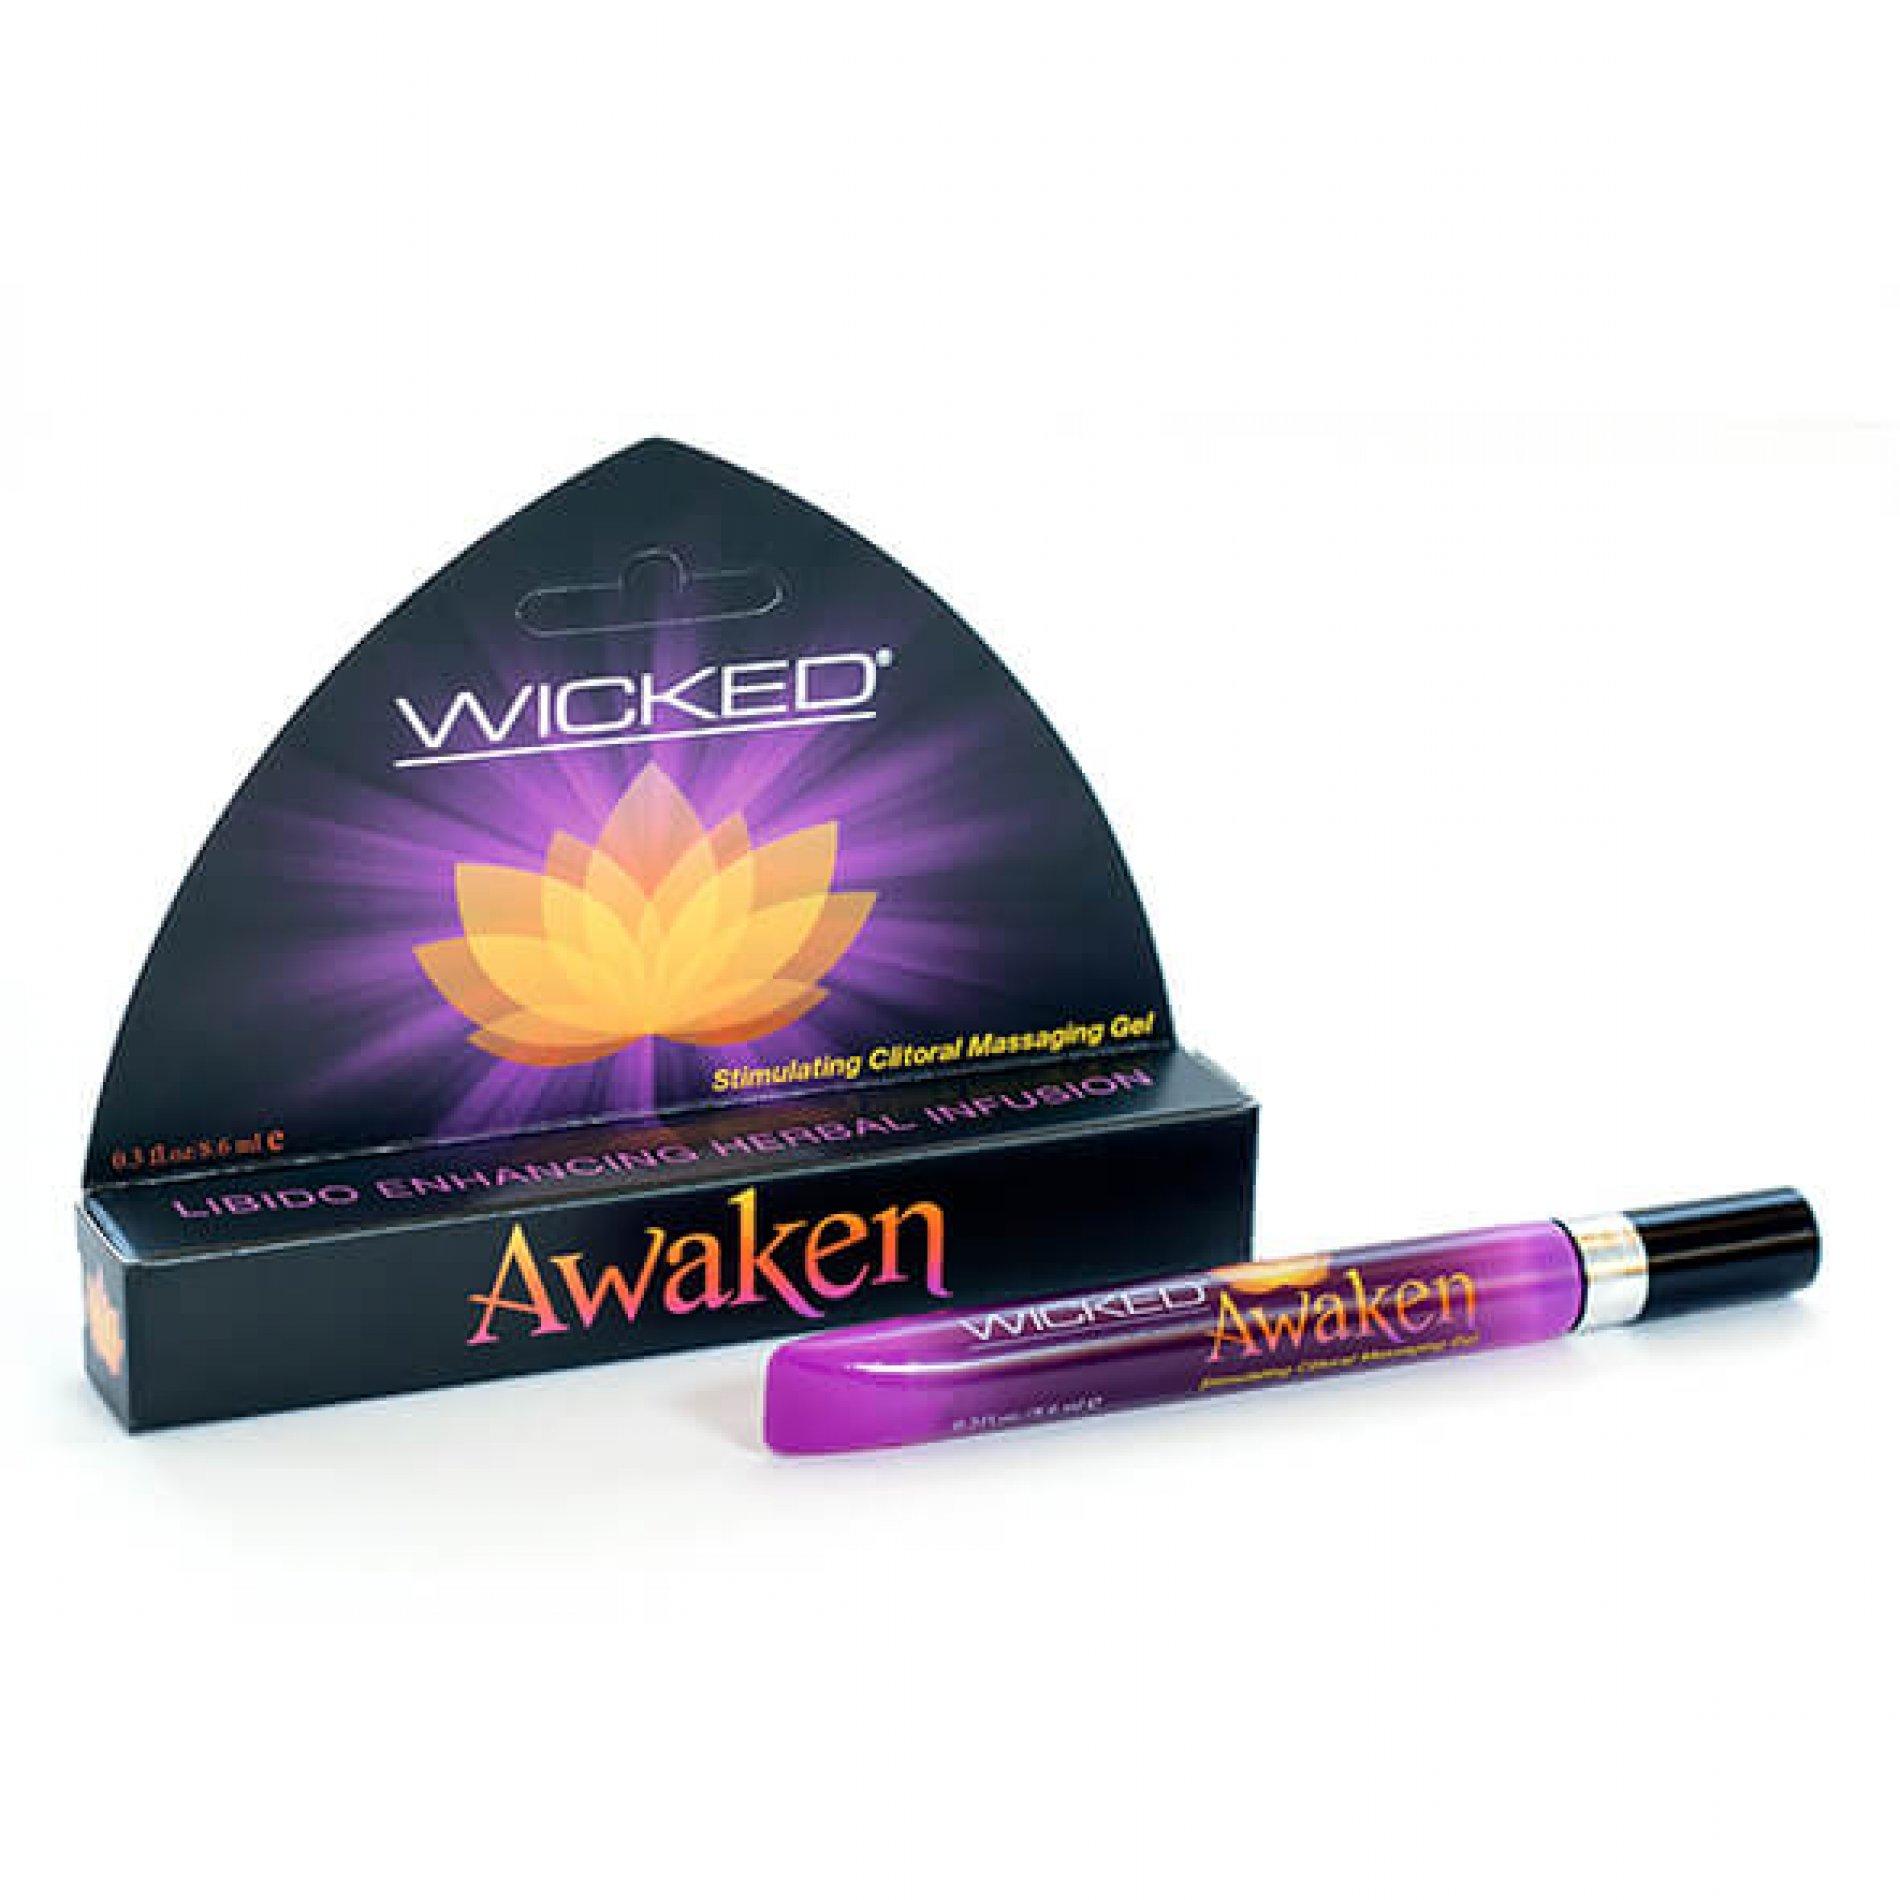 Wicked Awaken stimulerende clitoris gel